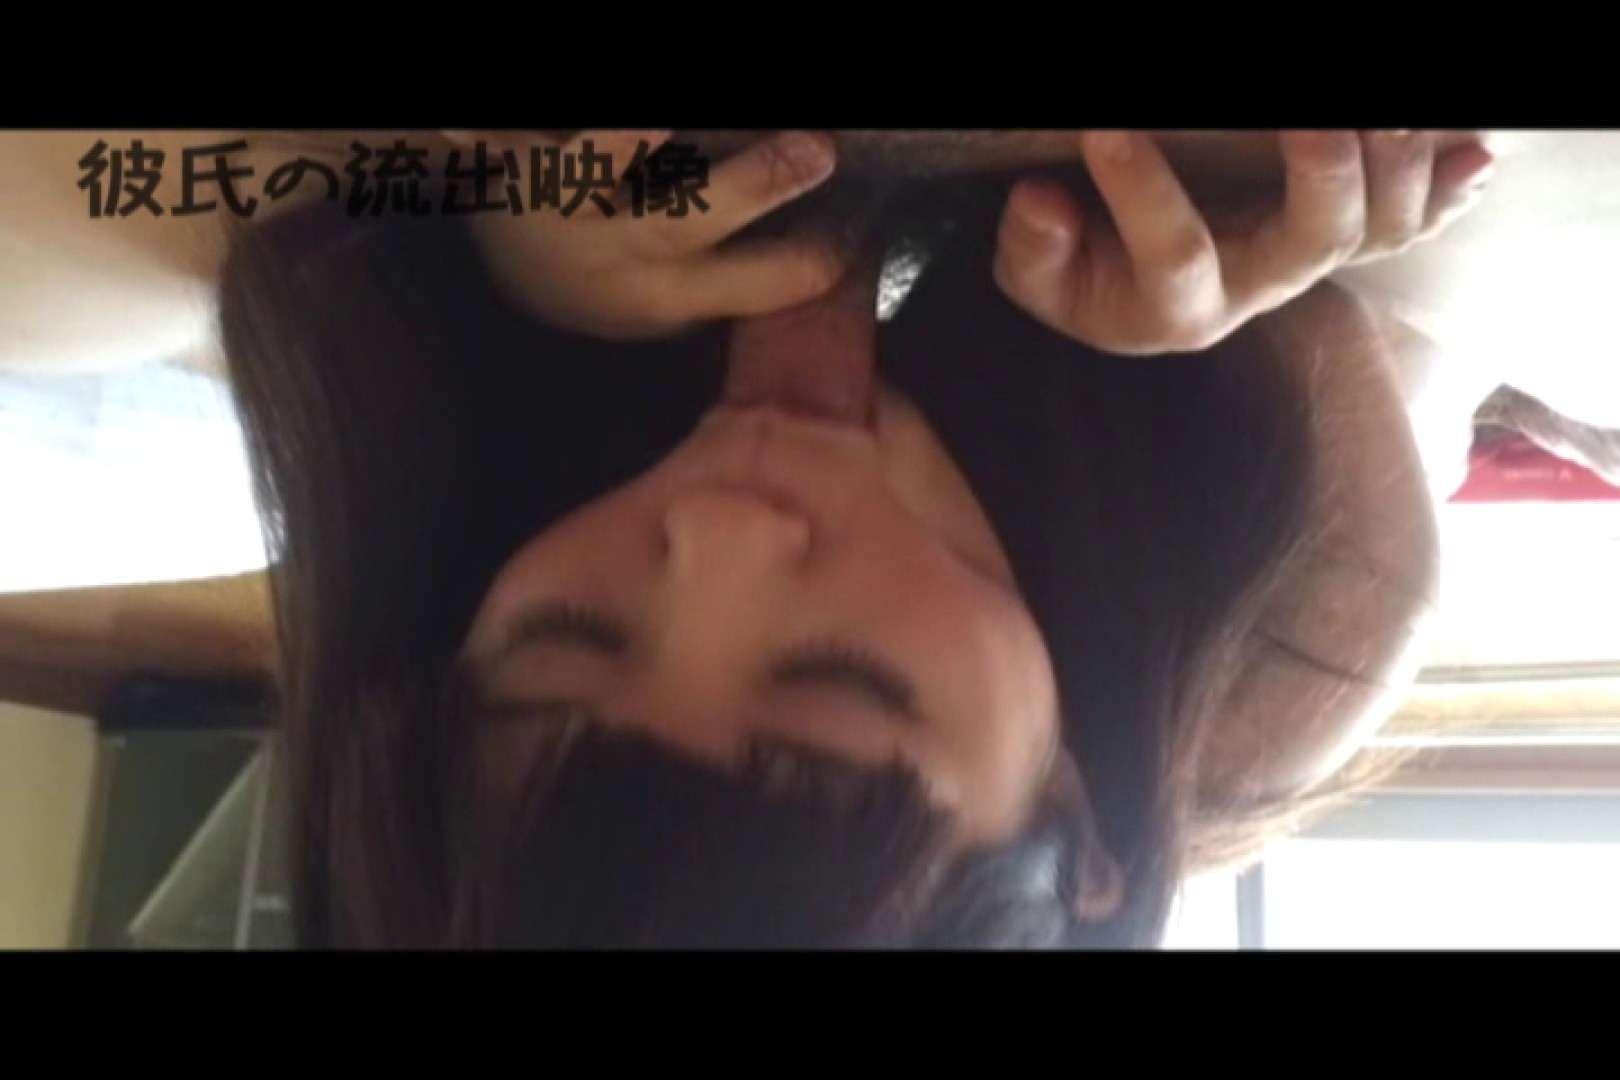 彼氏が流出 パイパン素人嬢のハメ撮り映像03 カップル | 可愛いパイパン  92pic 16